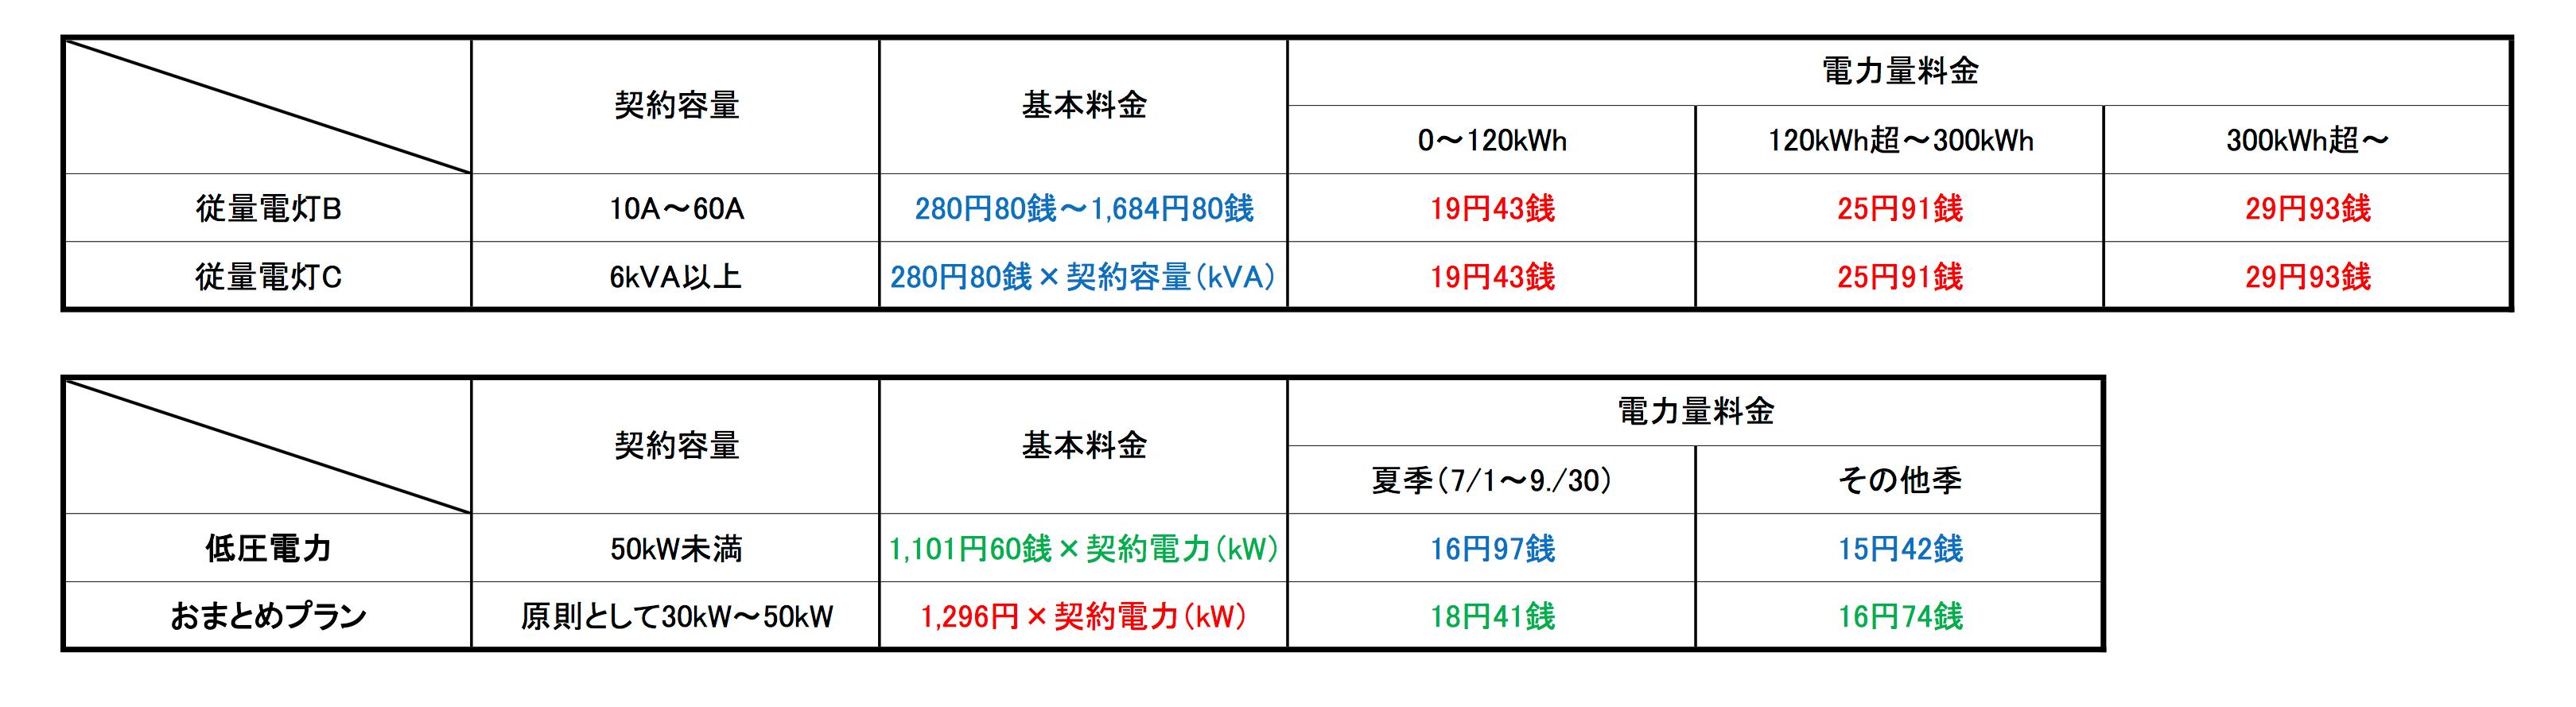 低圧旧3プラン比較